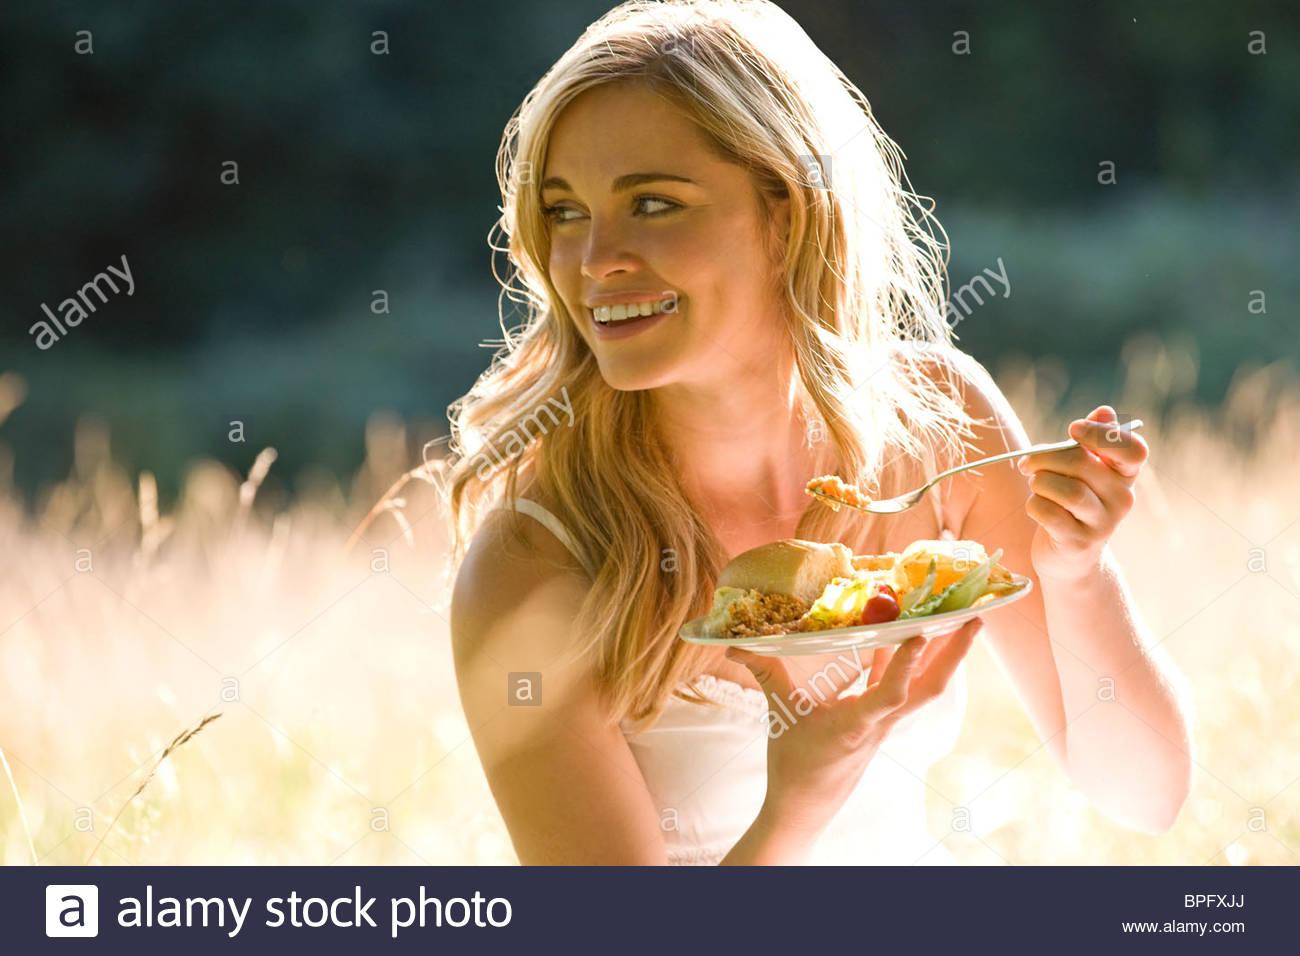 Eine junge Frau auf dem Rasen sitzen, Essen Stockbild